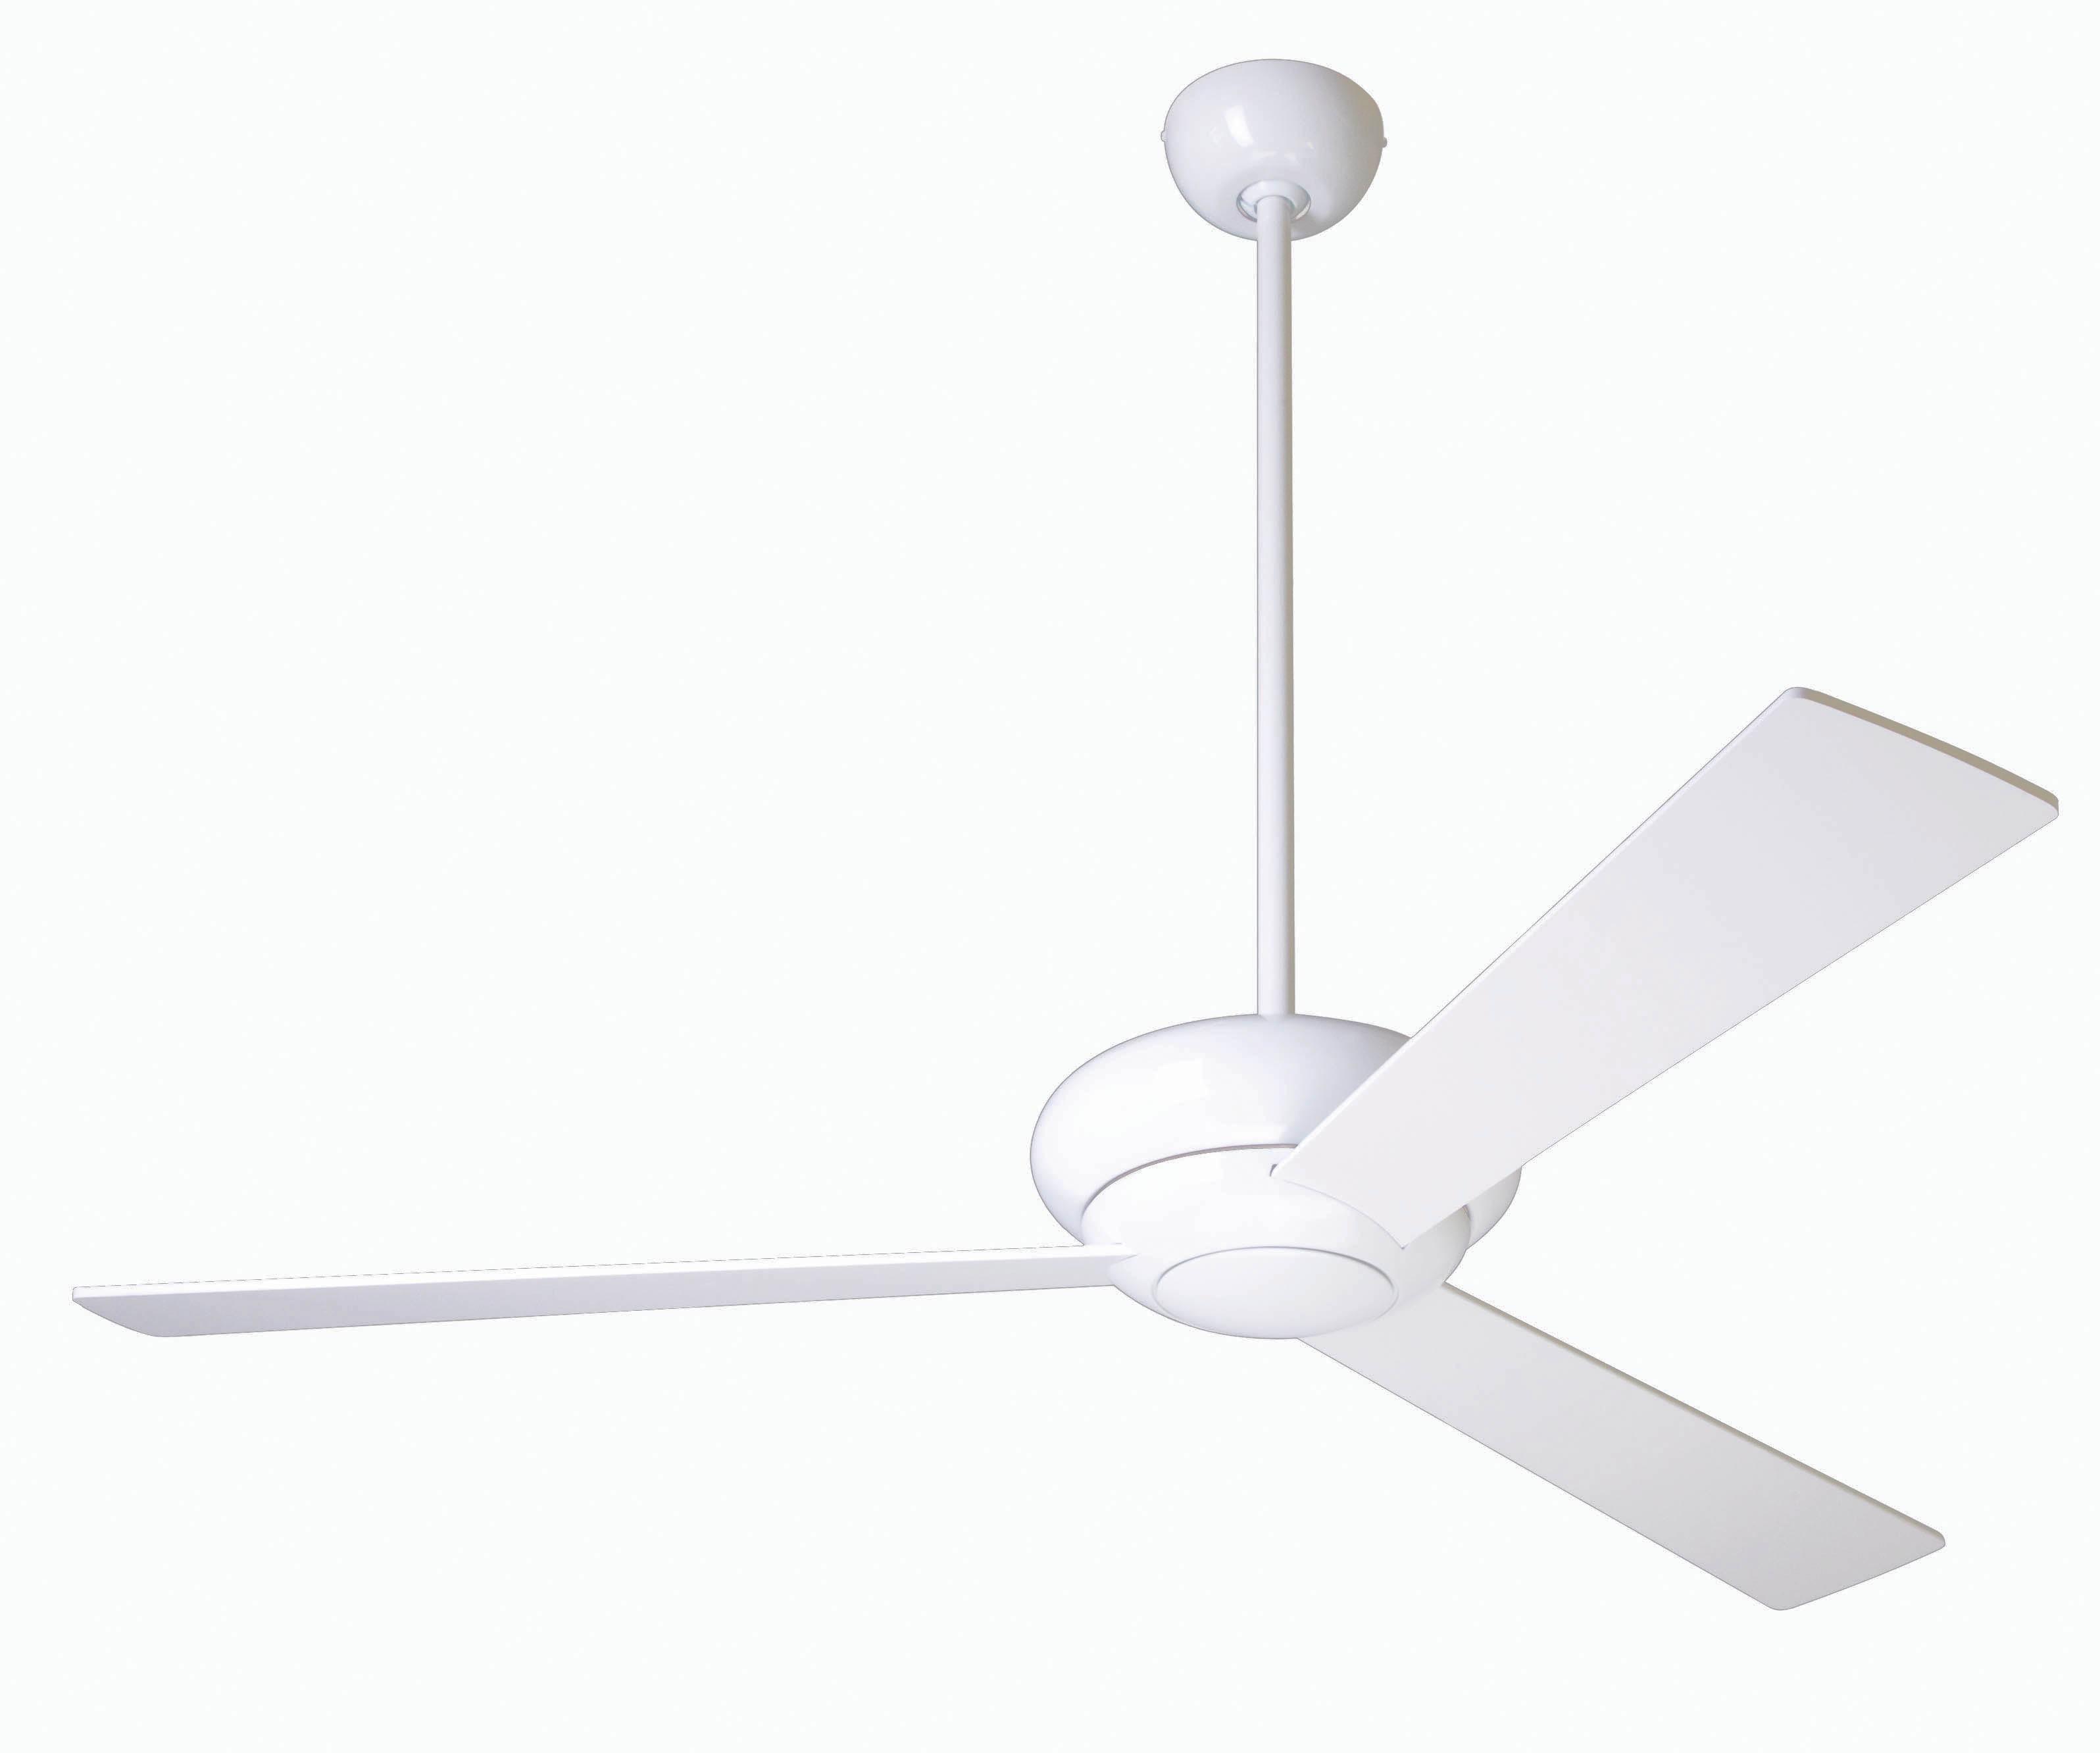 Fan pany ALT GW 36 WH 270 003 Altus Gloss White Ceiling Fan